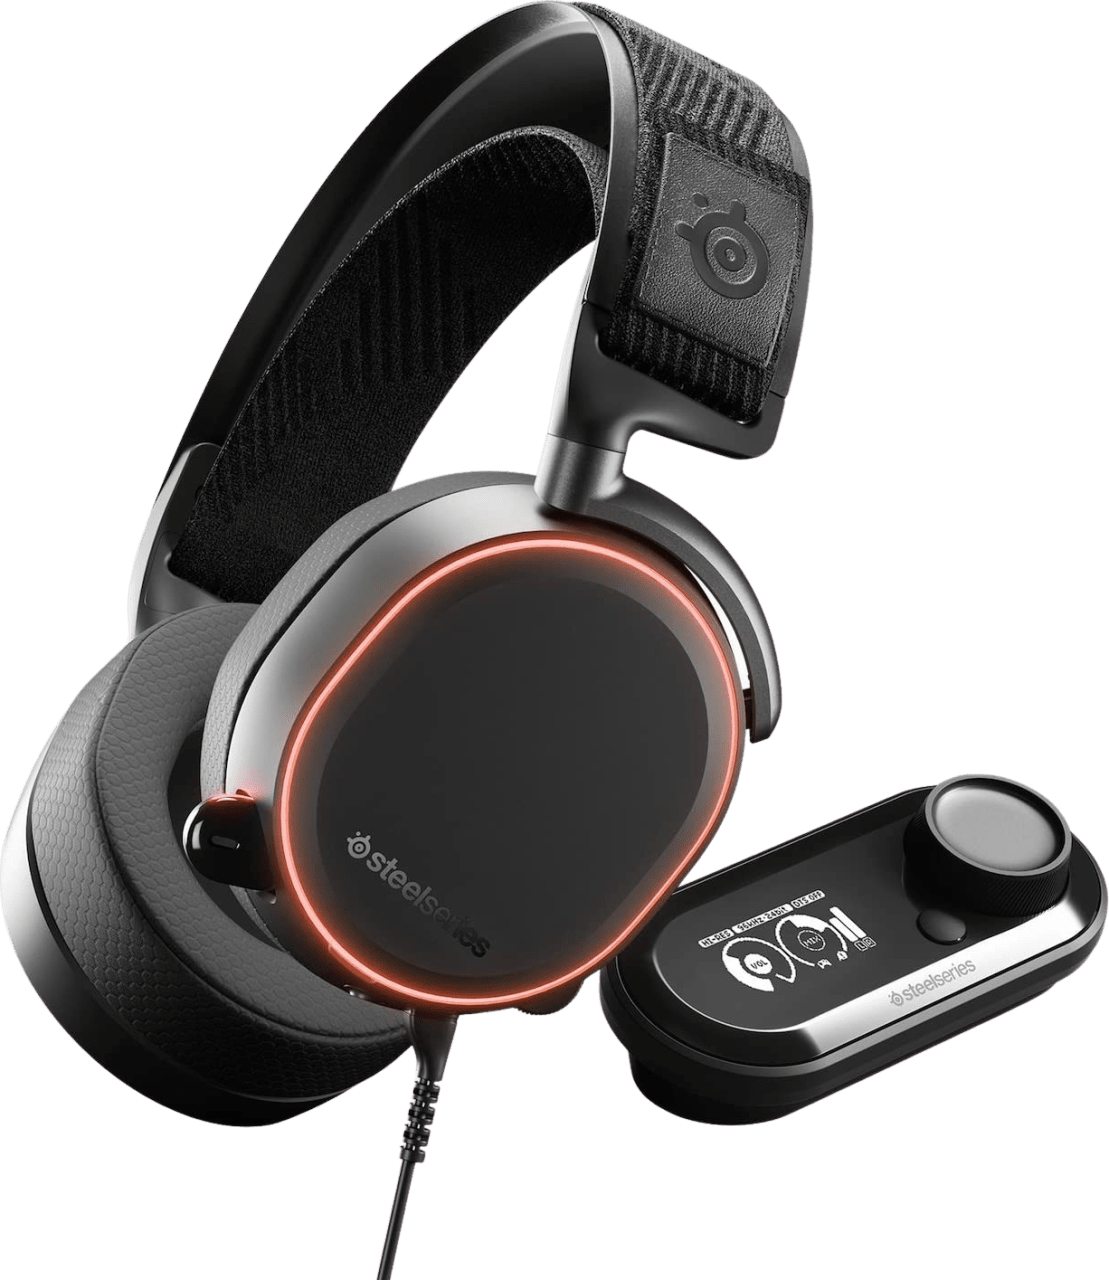 Black SteelSeries Arctis Pro + GameDAC.1